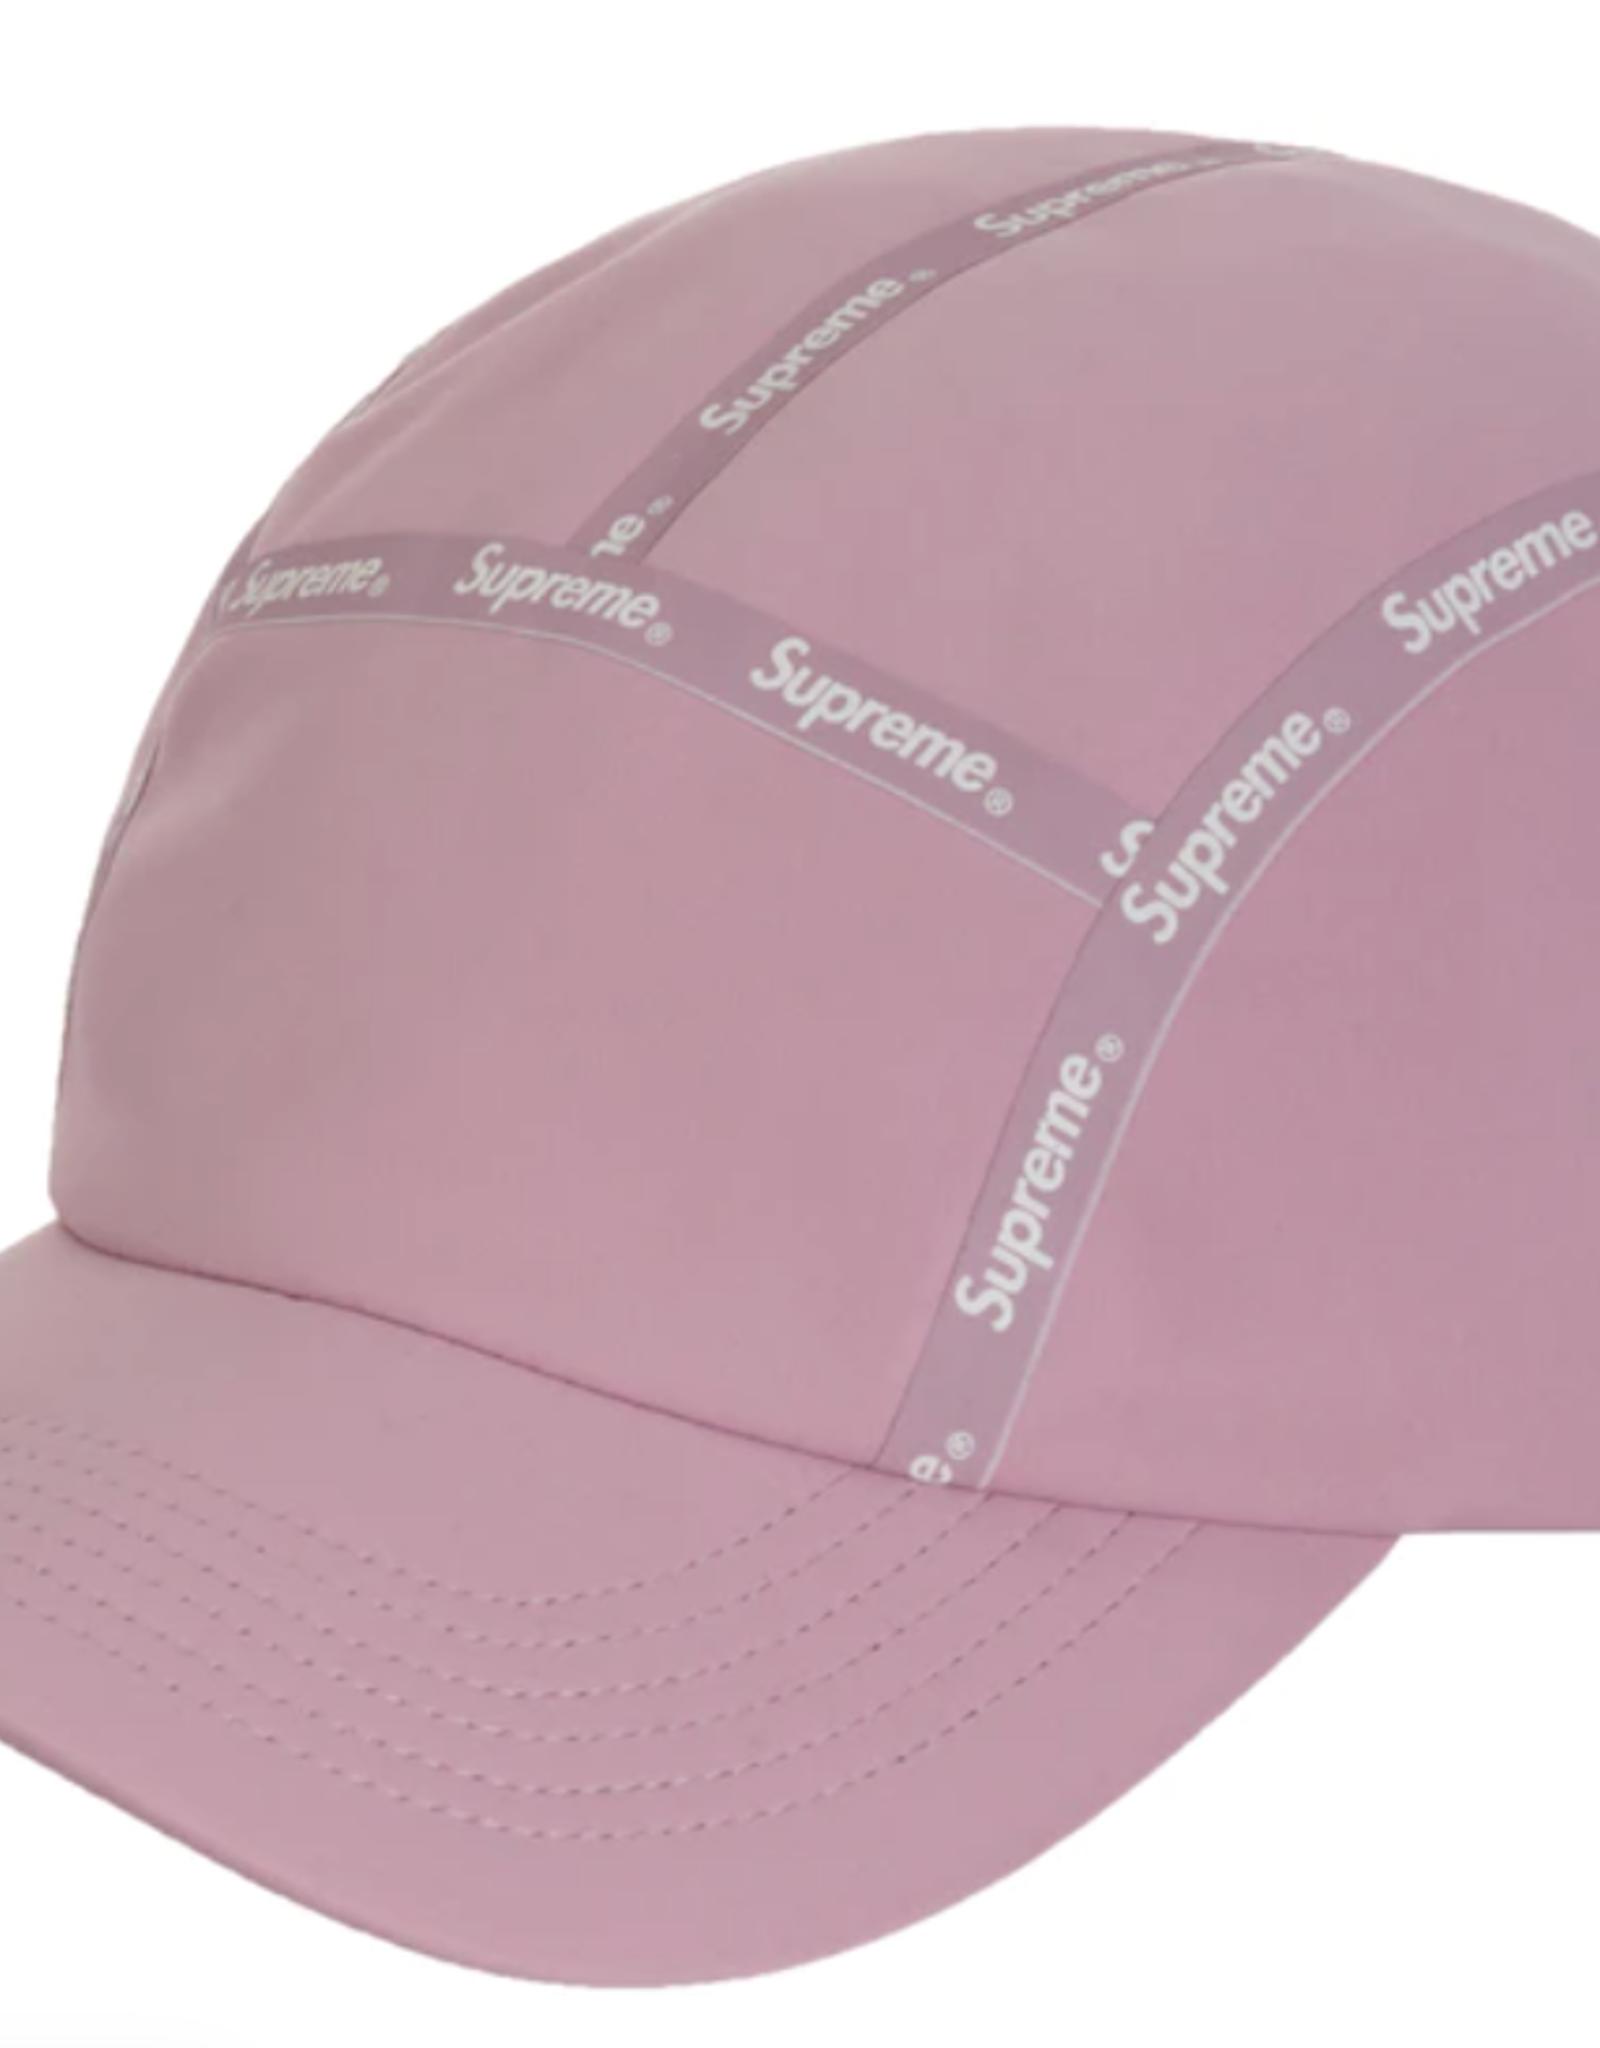 SUPREME Taped Seam WINDSTOPPER Camp Cap Pink